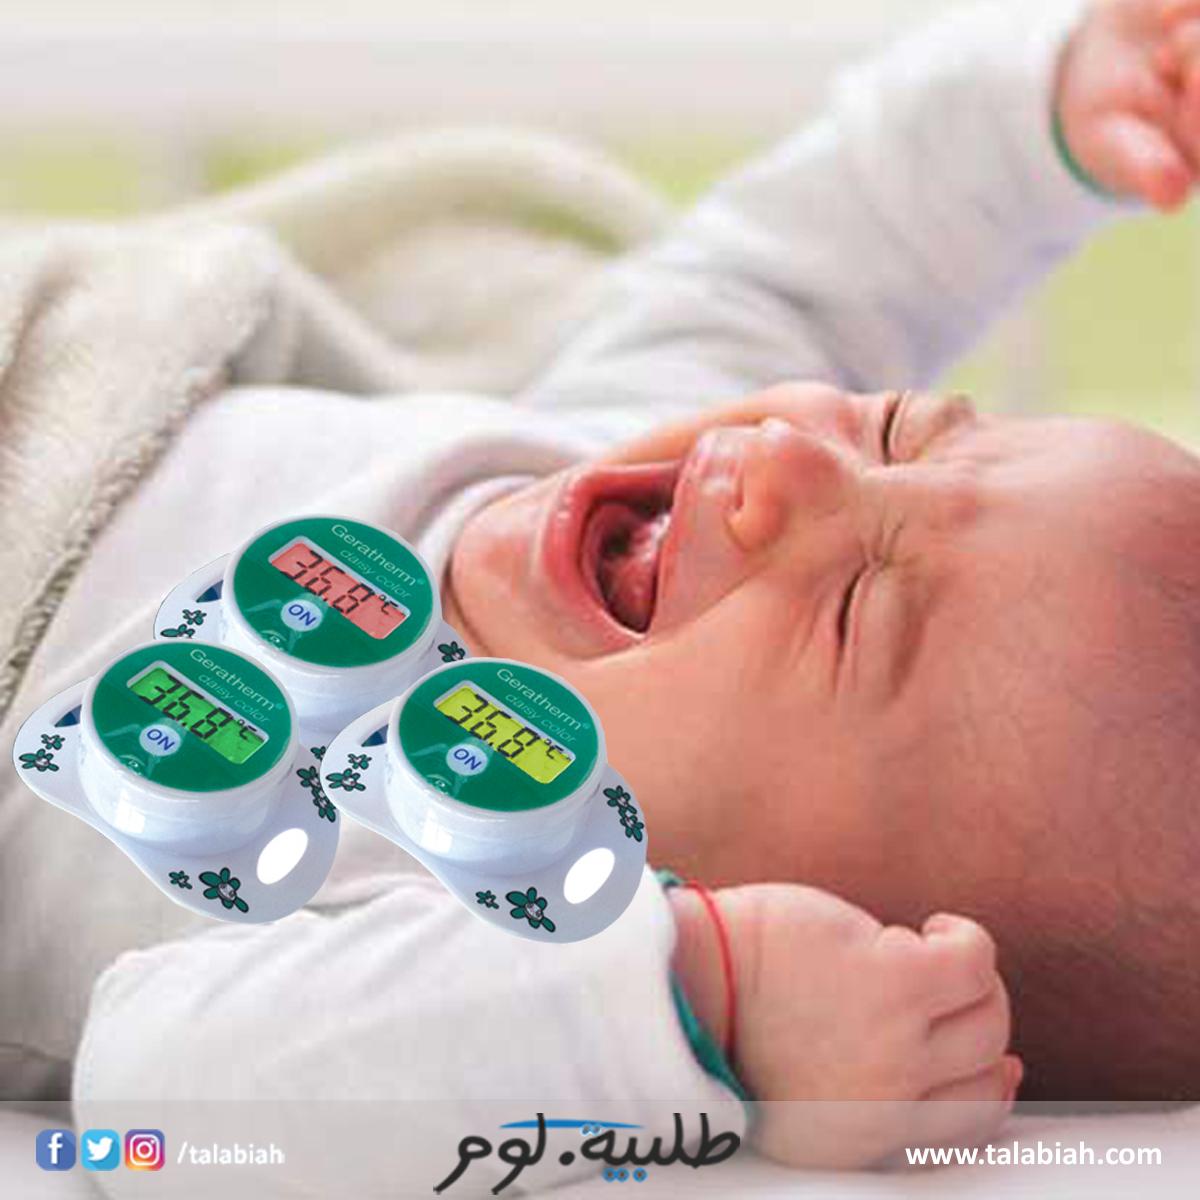 قياس حرارة الطفل الرضيع أصبحت عملية سهلة وأكثر دقة مع جهاز ديزي كولورعلى شكل لهاية ومتوفر بعدة ألوان Color Children